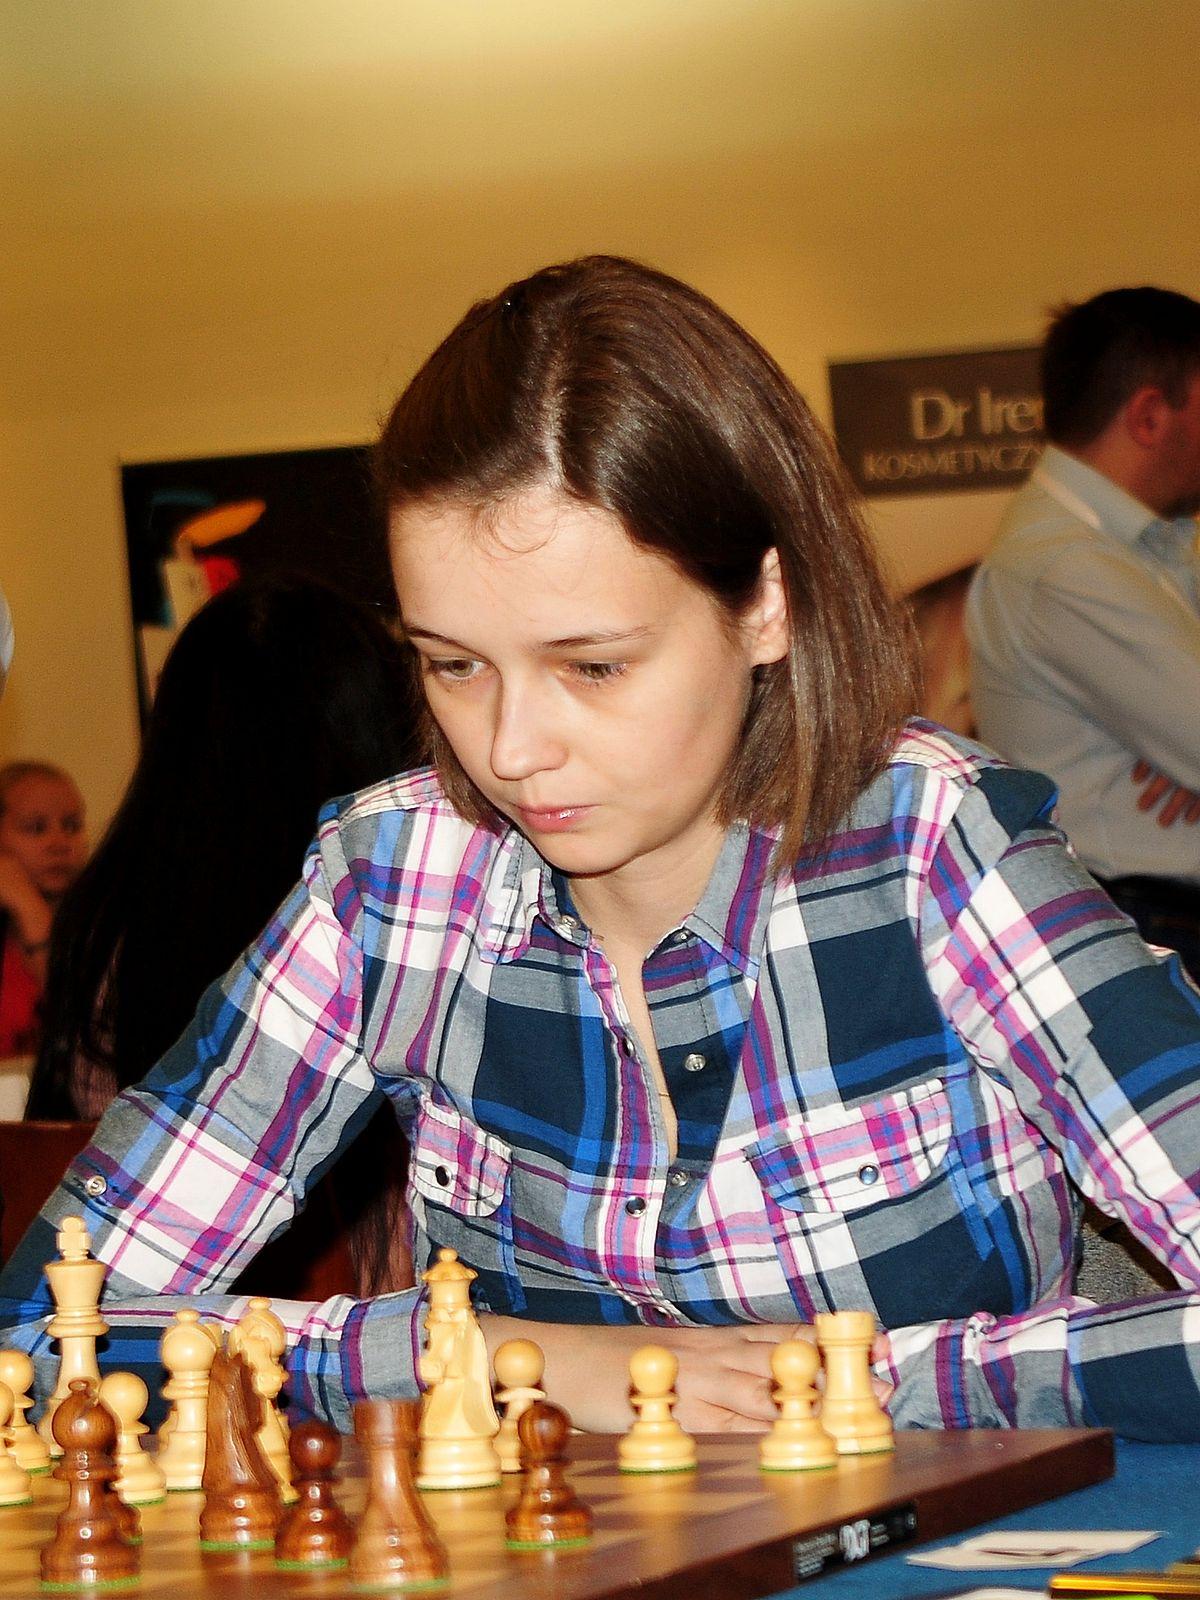 karina_szczepkowska-horowska_2013.jpg